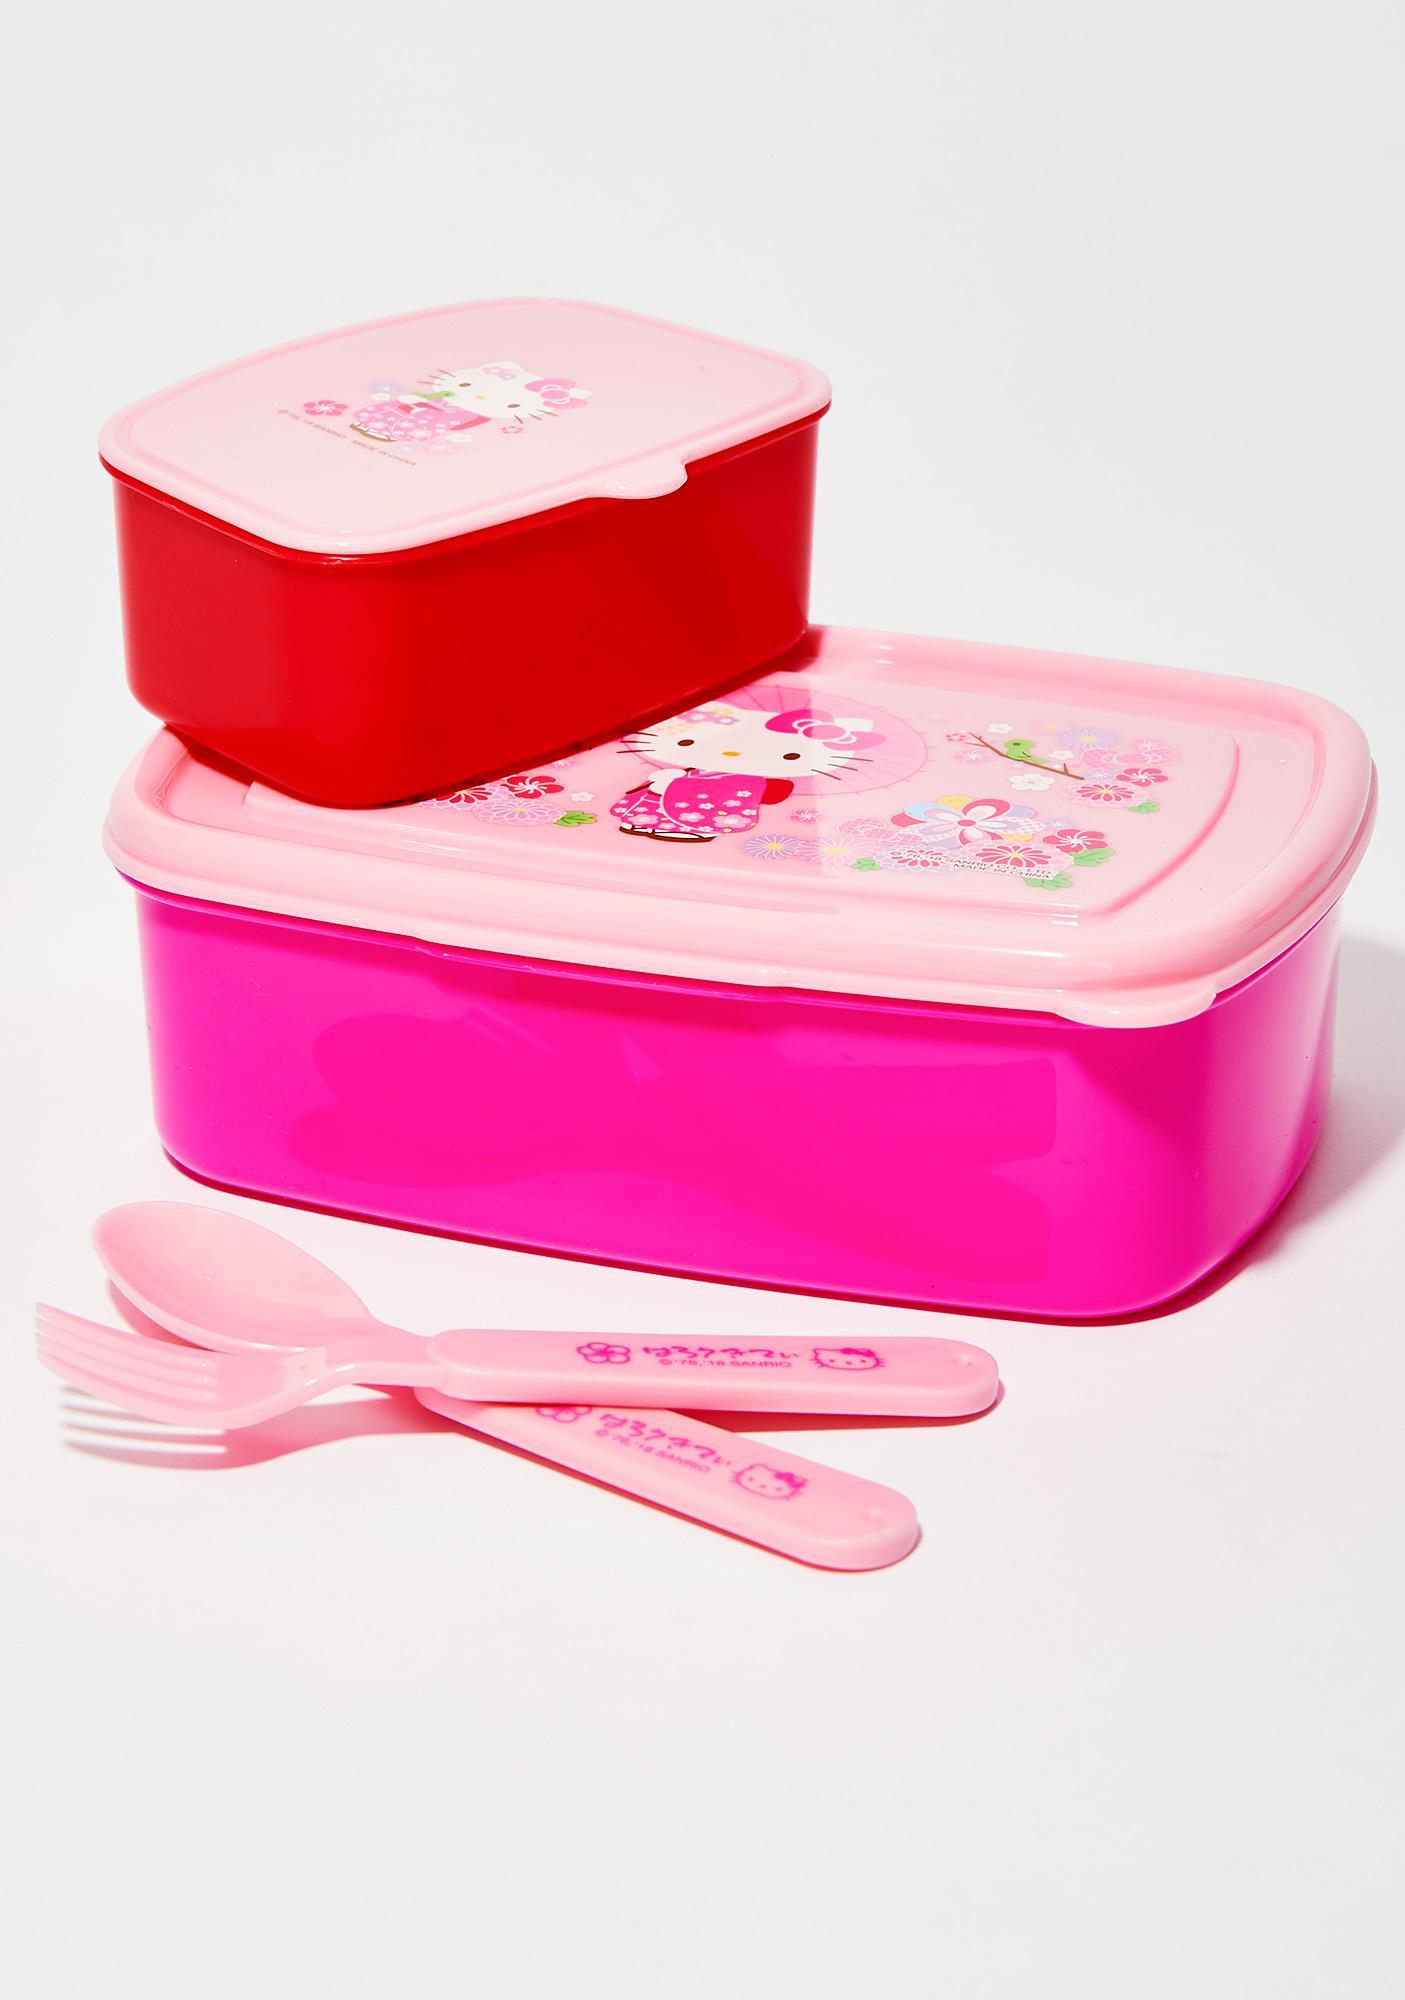 Sanrio Kimono Lunch Container